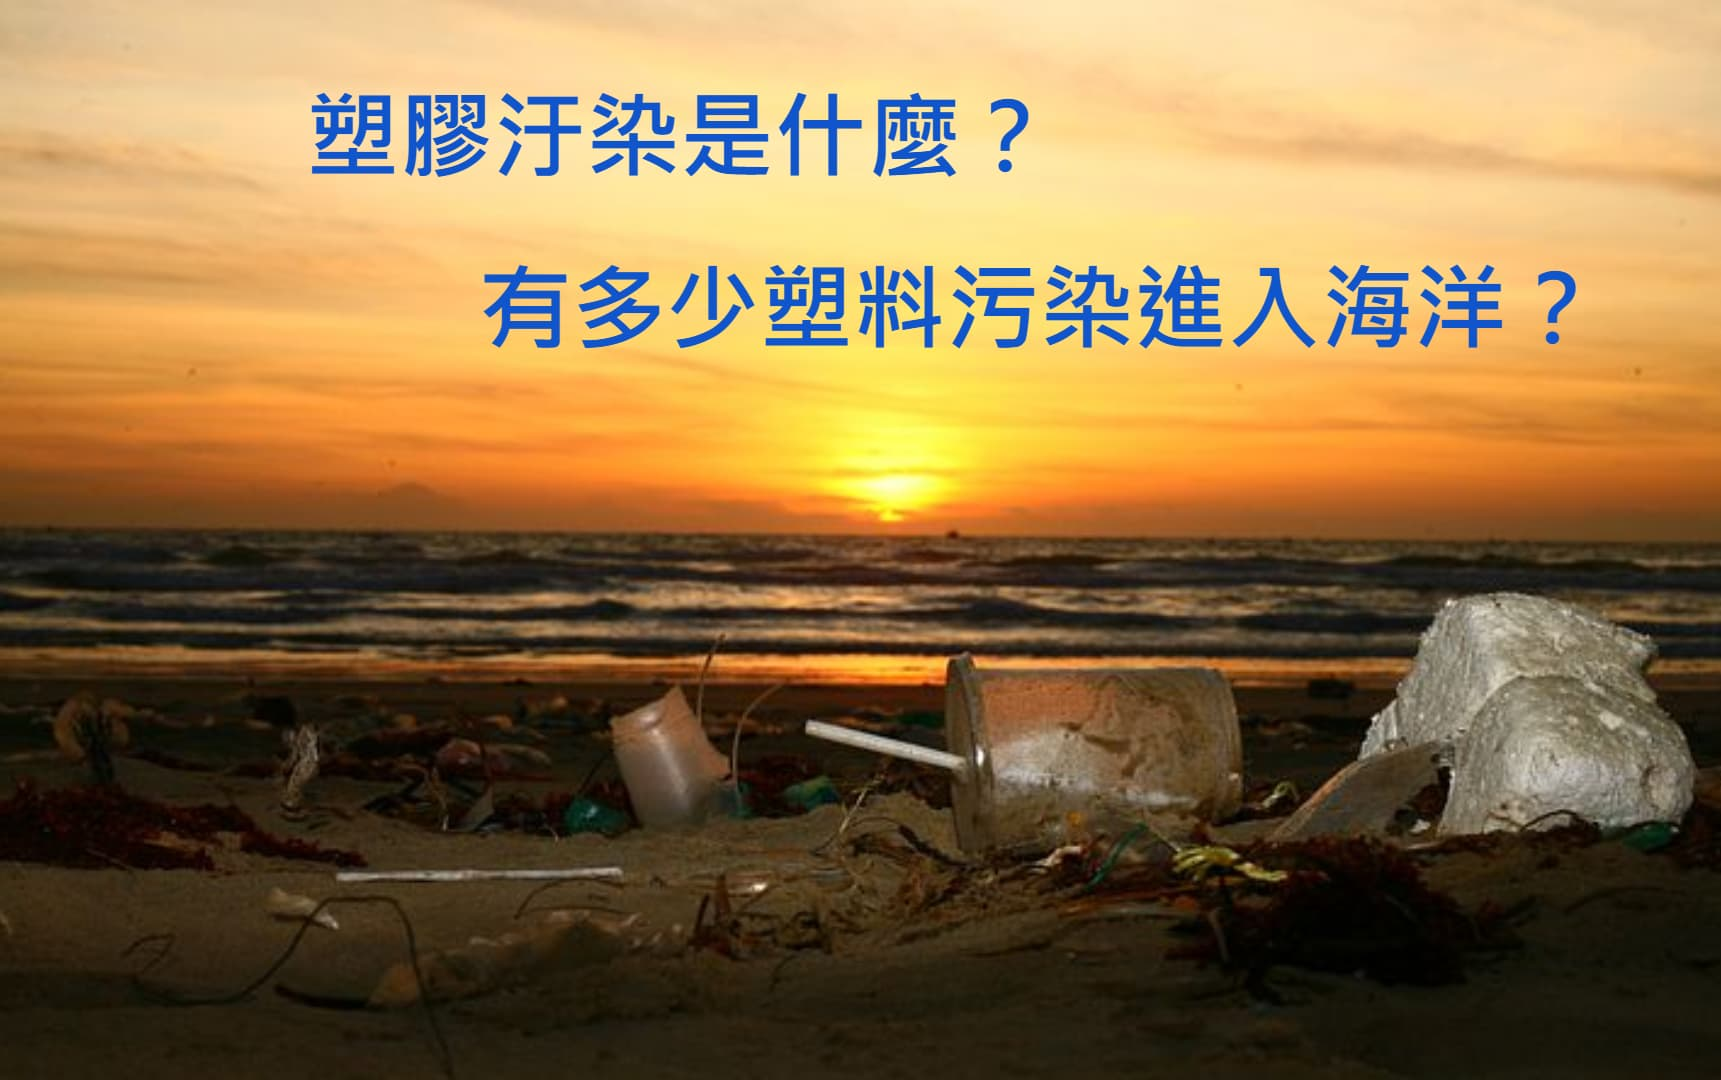 塑膠汙染是什麼?有多少塑膠污染進入海洋?